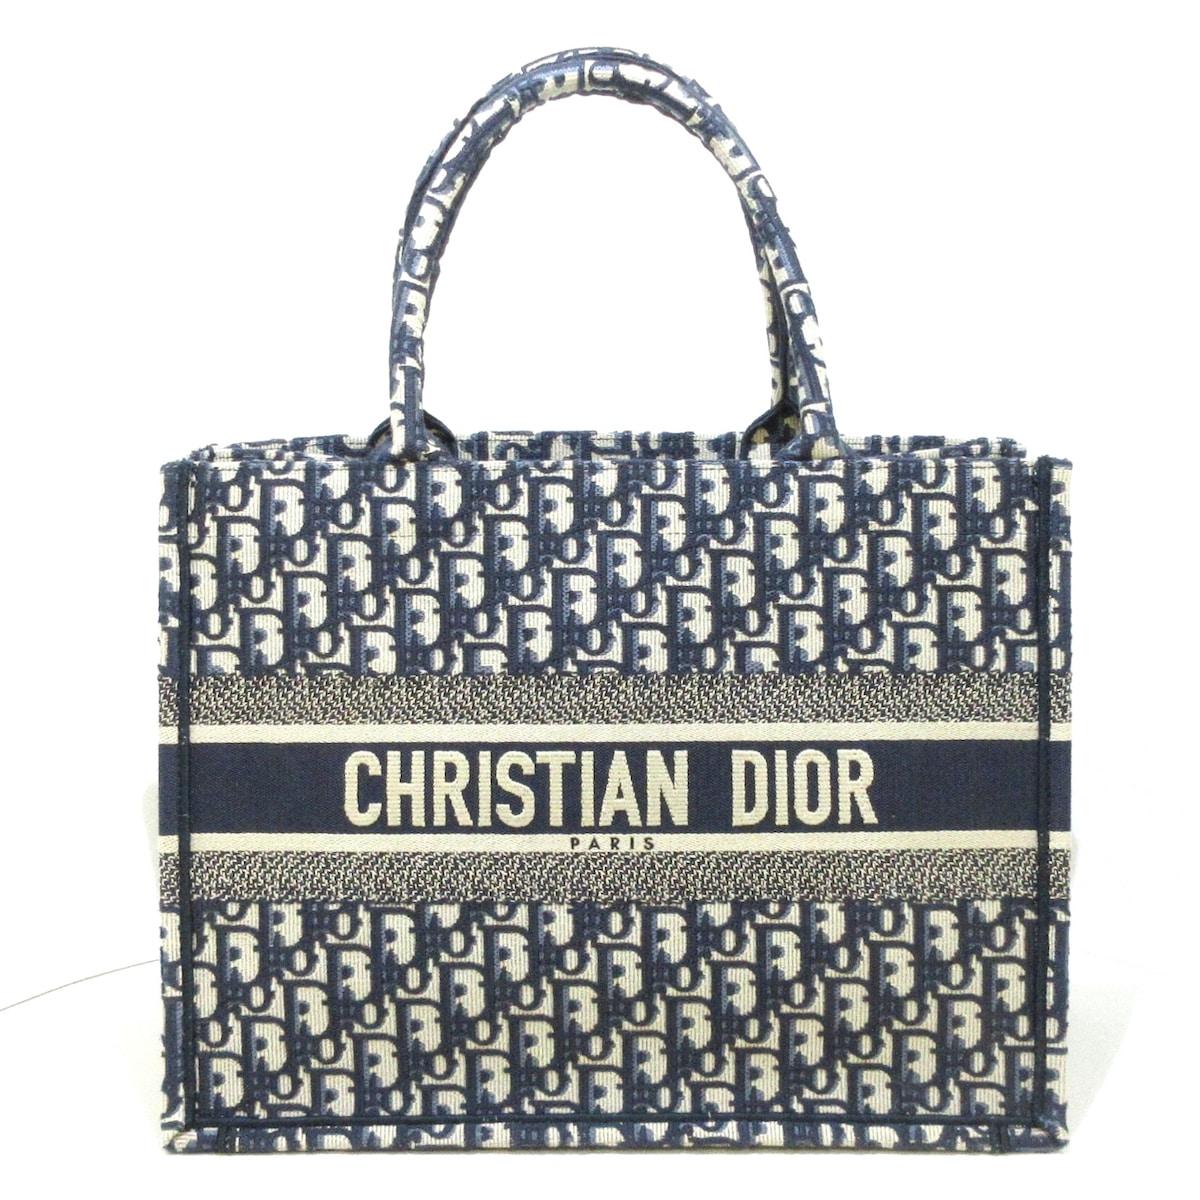 DIOR/ChristianDior(ディオール/クリスチャンディオール)のディオール オブリーク ブックトート スモール